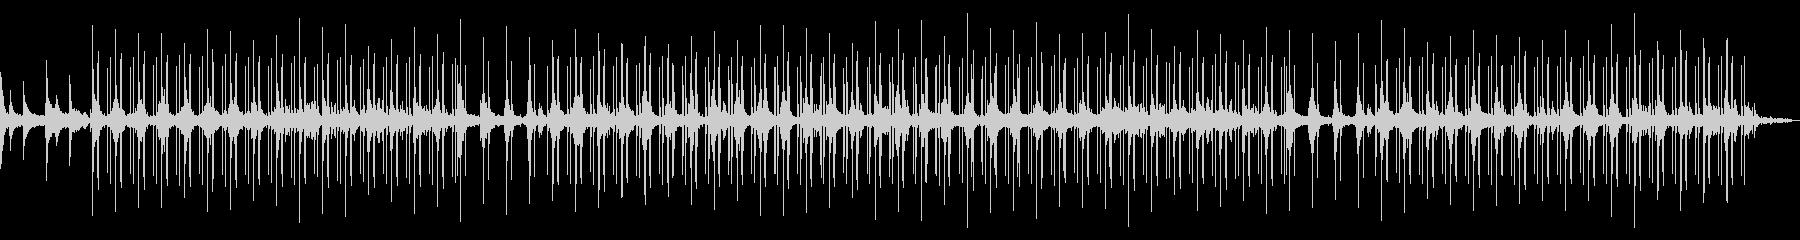 ロング! 雨音のするジャズLo-fiチルの未再生の波形